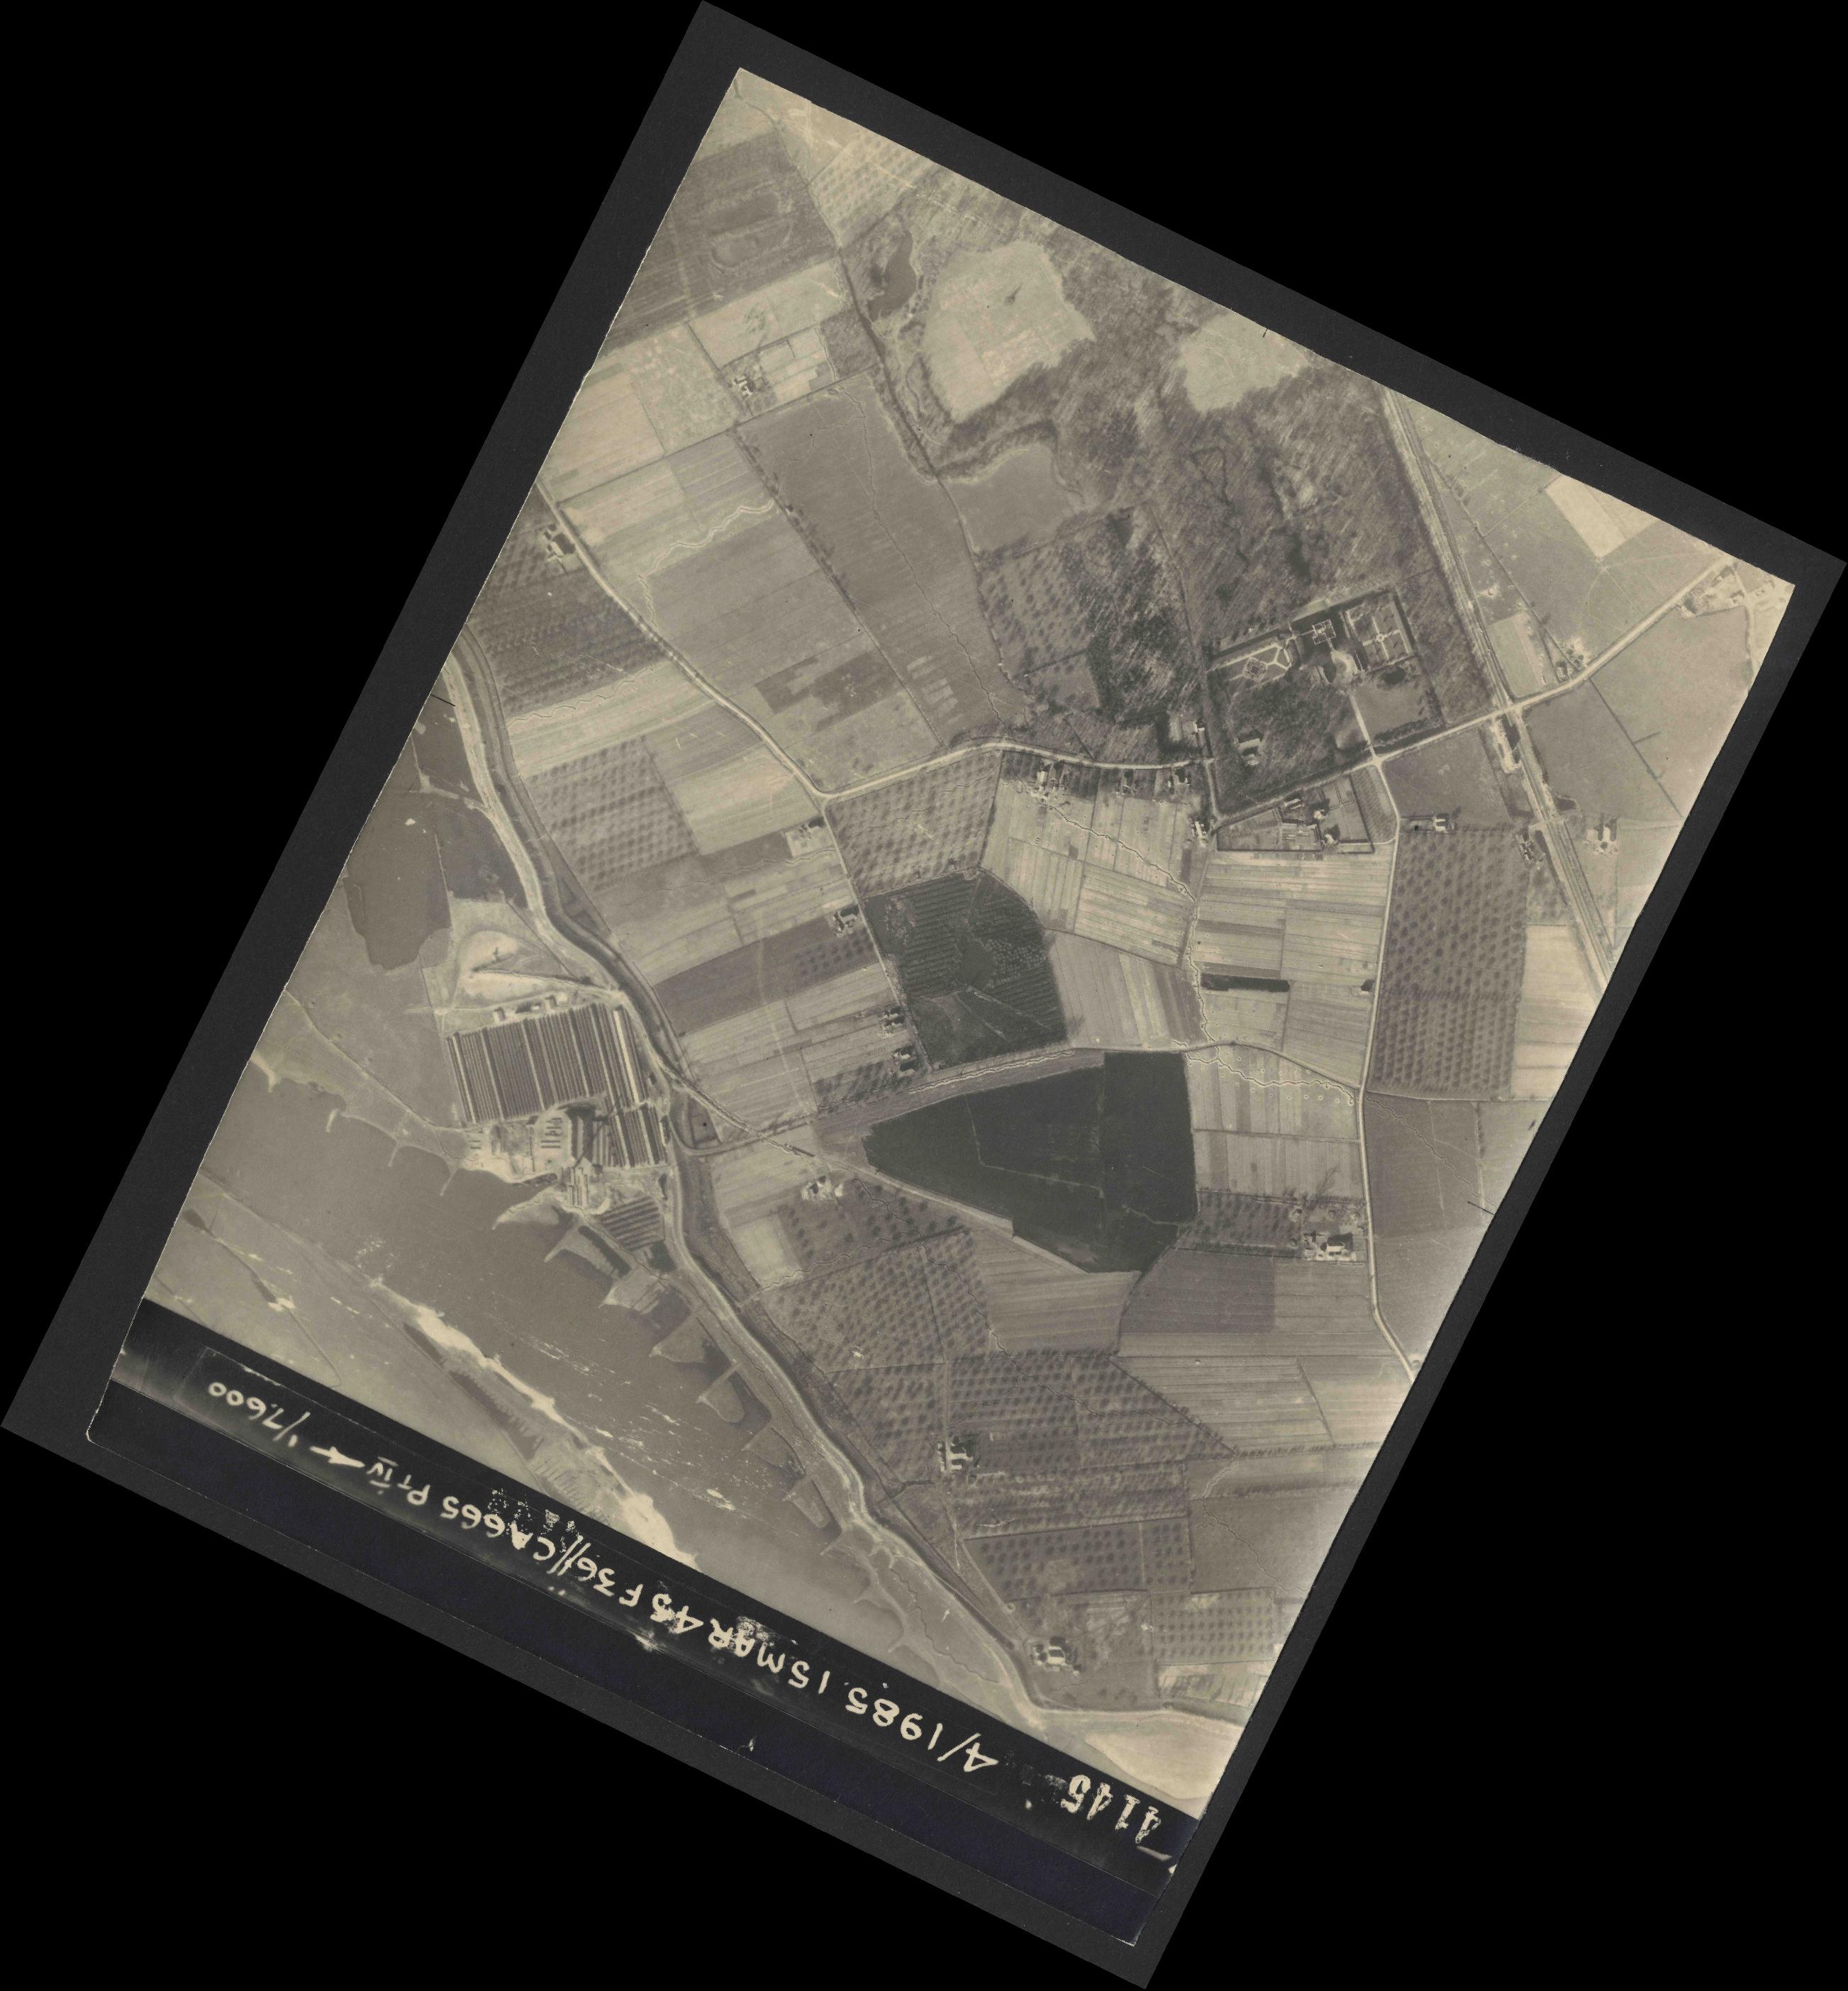 Collection RAF aerial photos 1940-1945 - flight 059, run 06, photo 4145